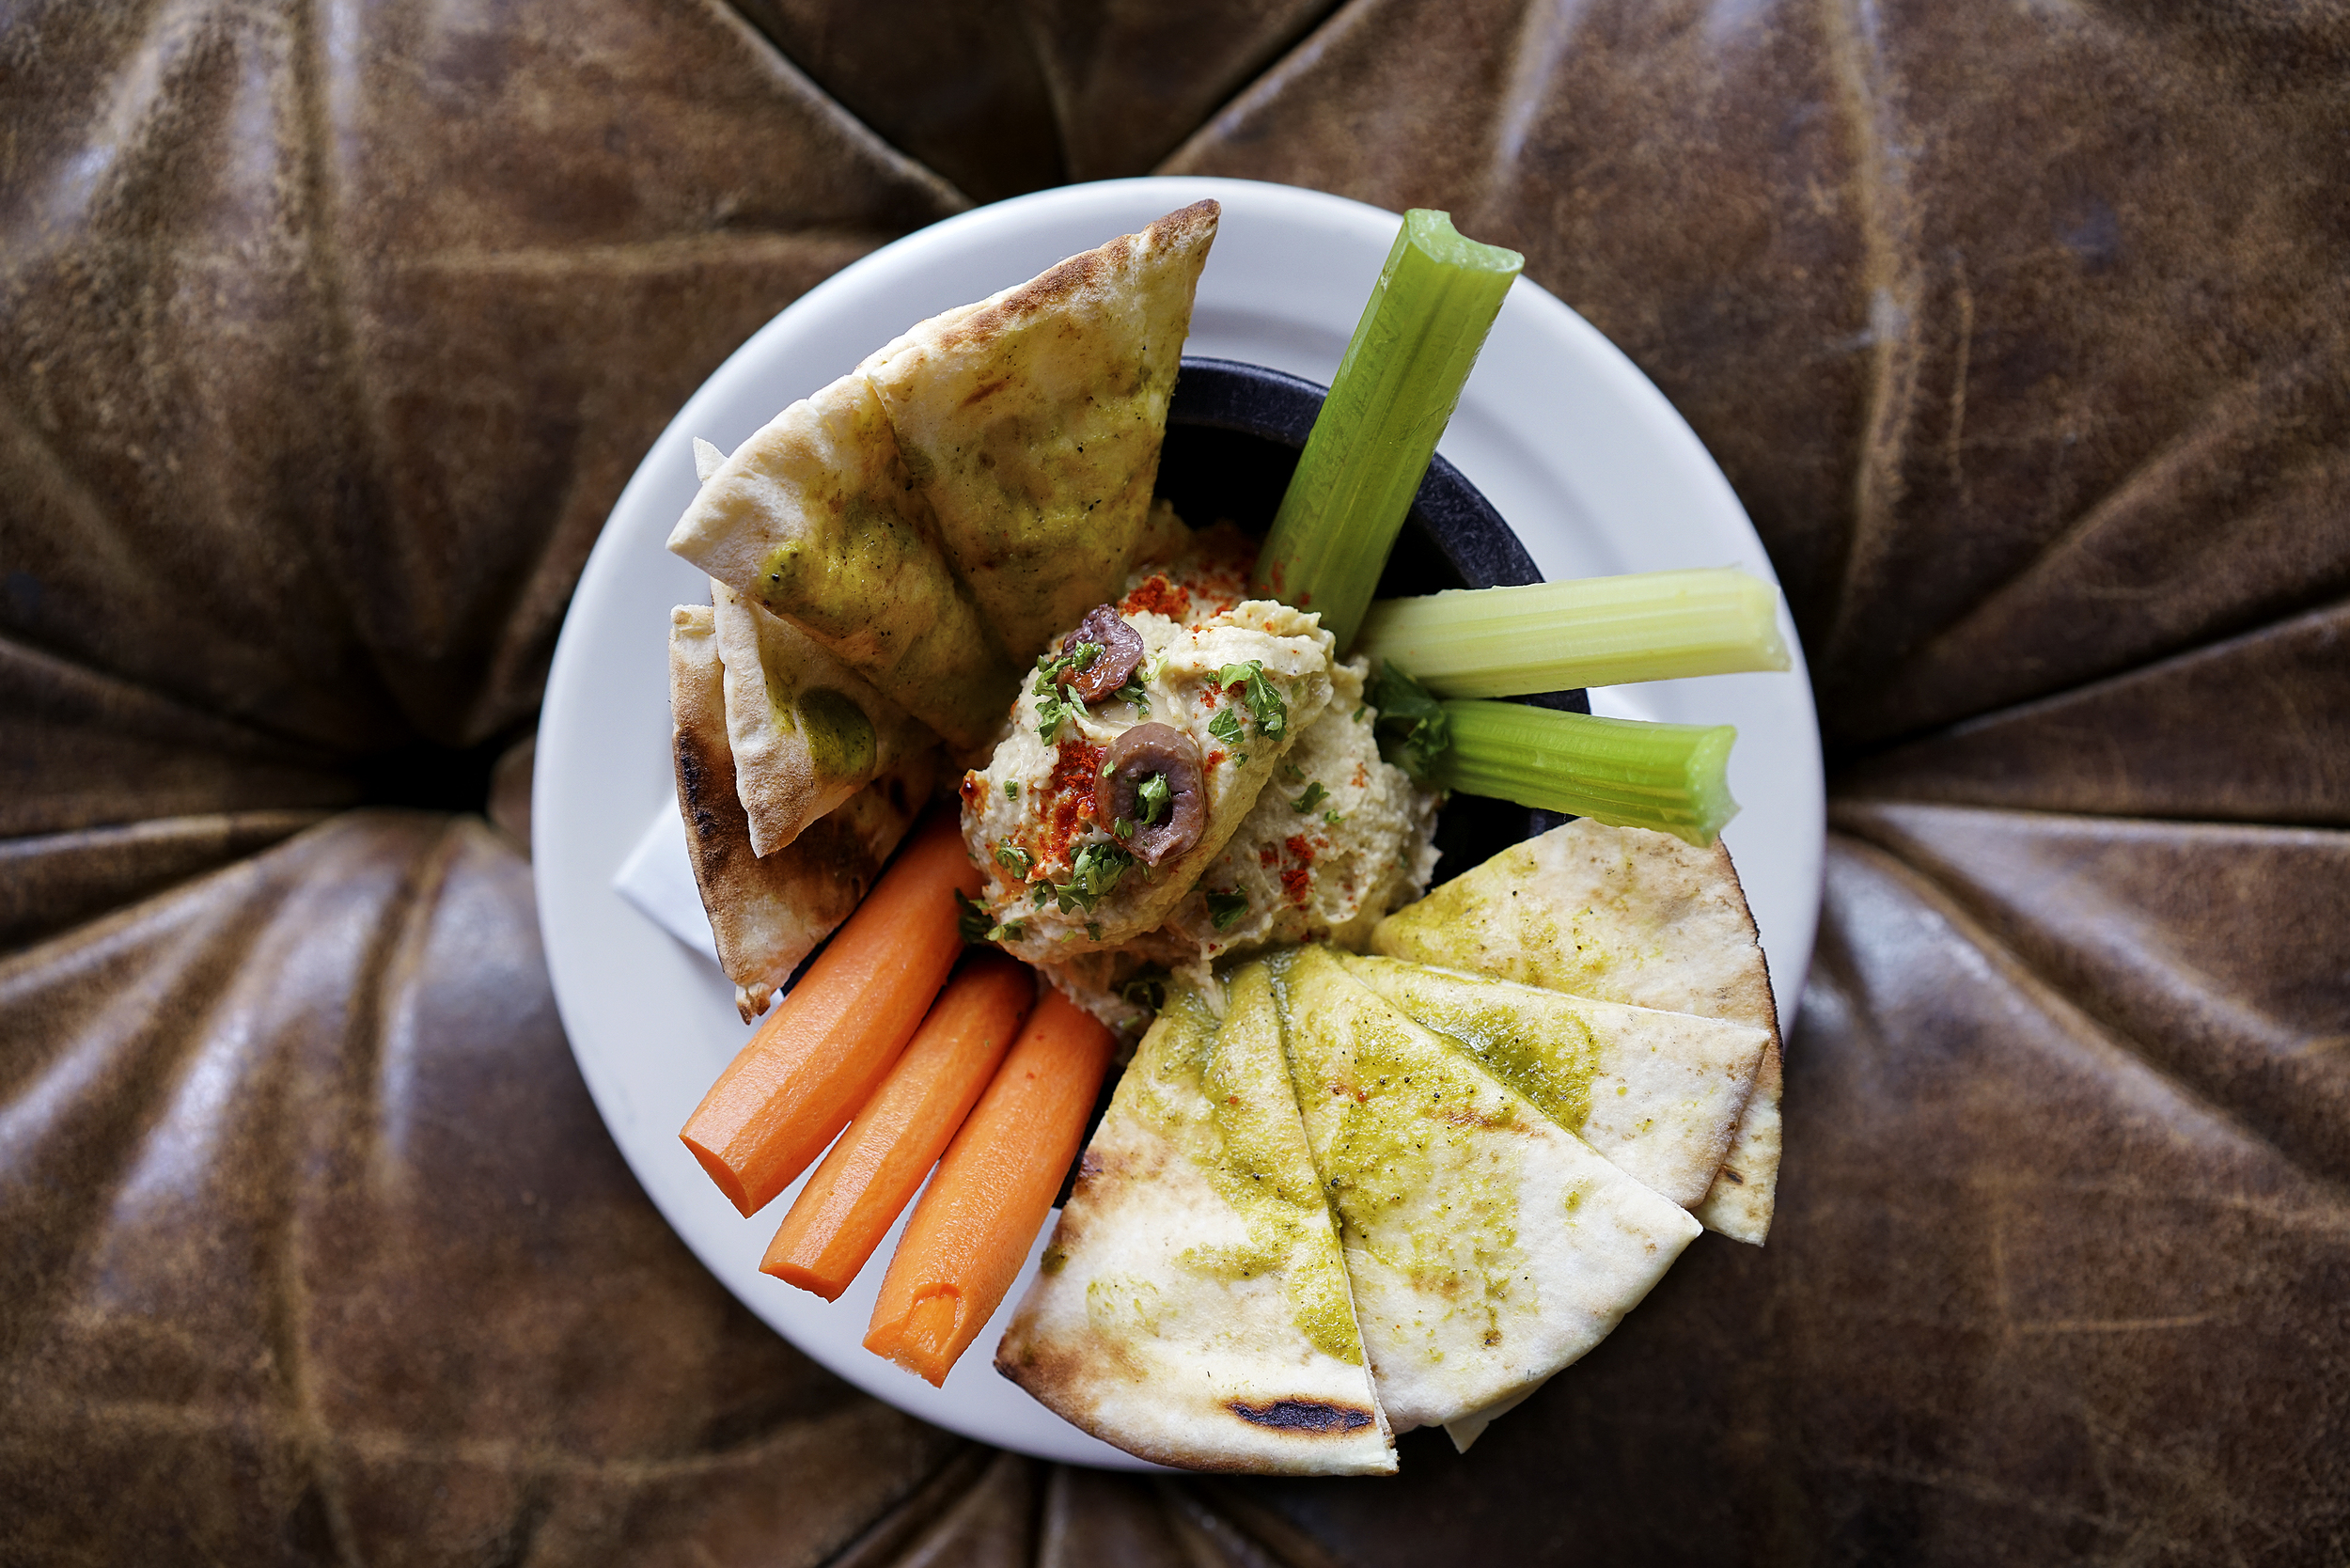 Authentic Hummus with Spicy Pita & Crudite